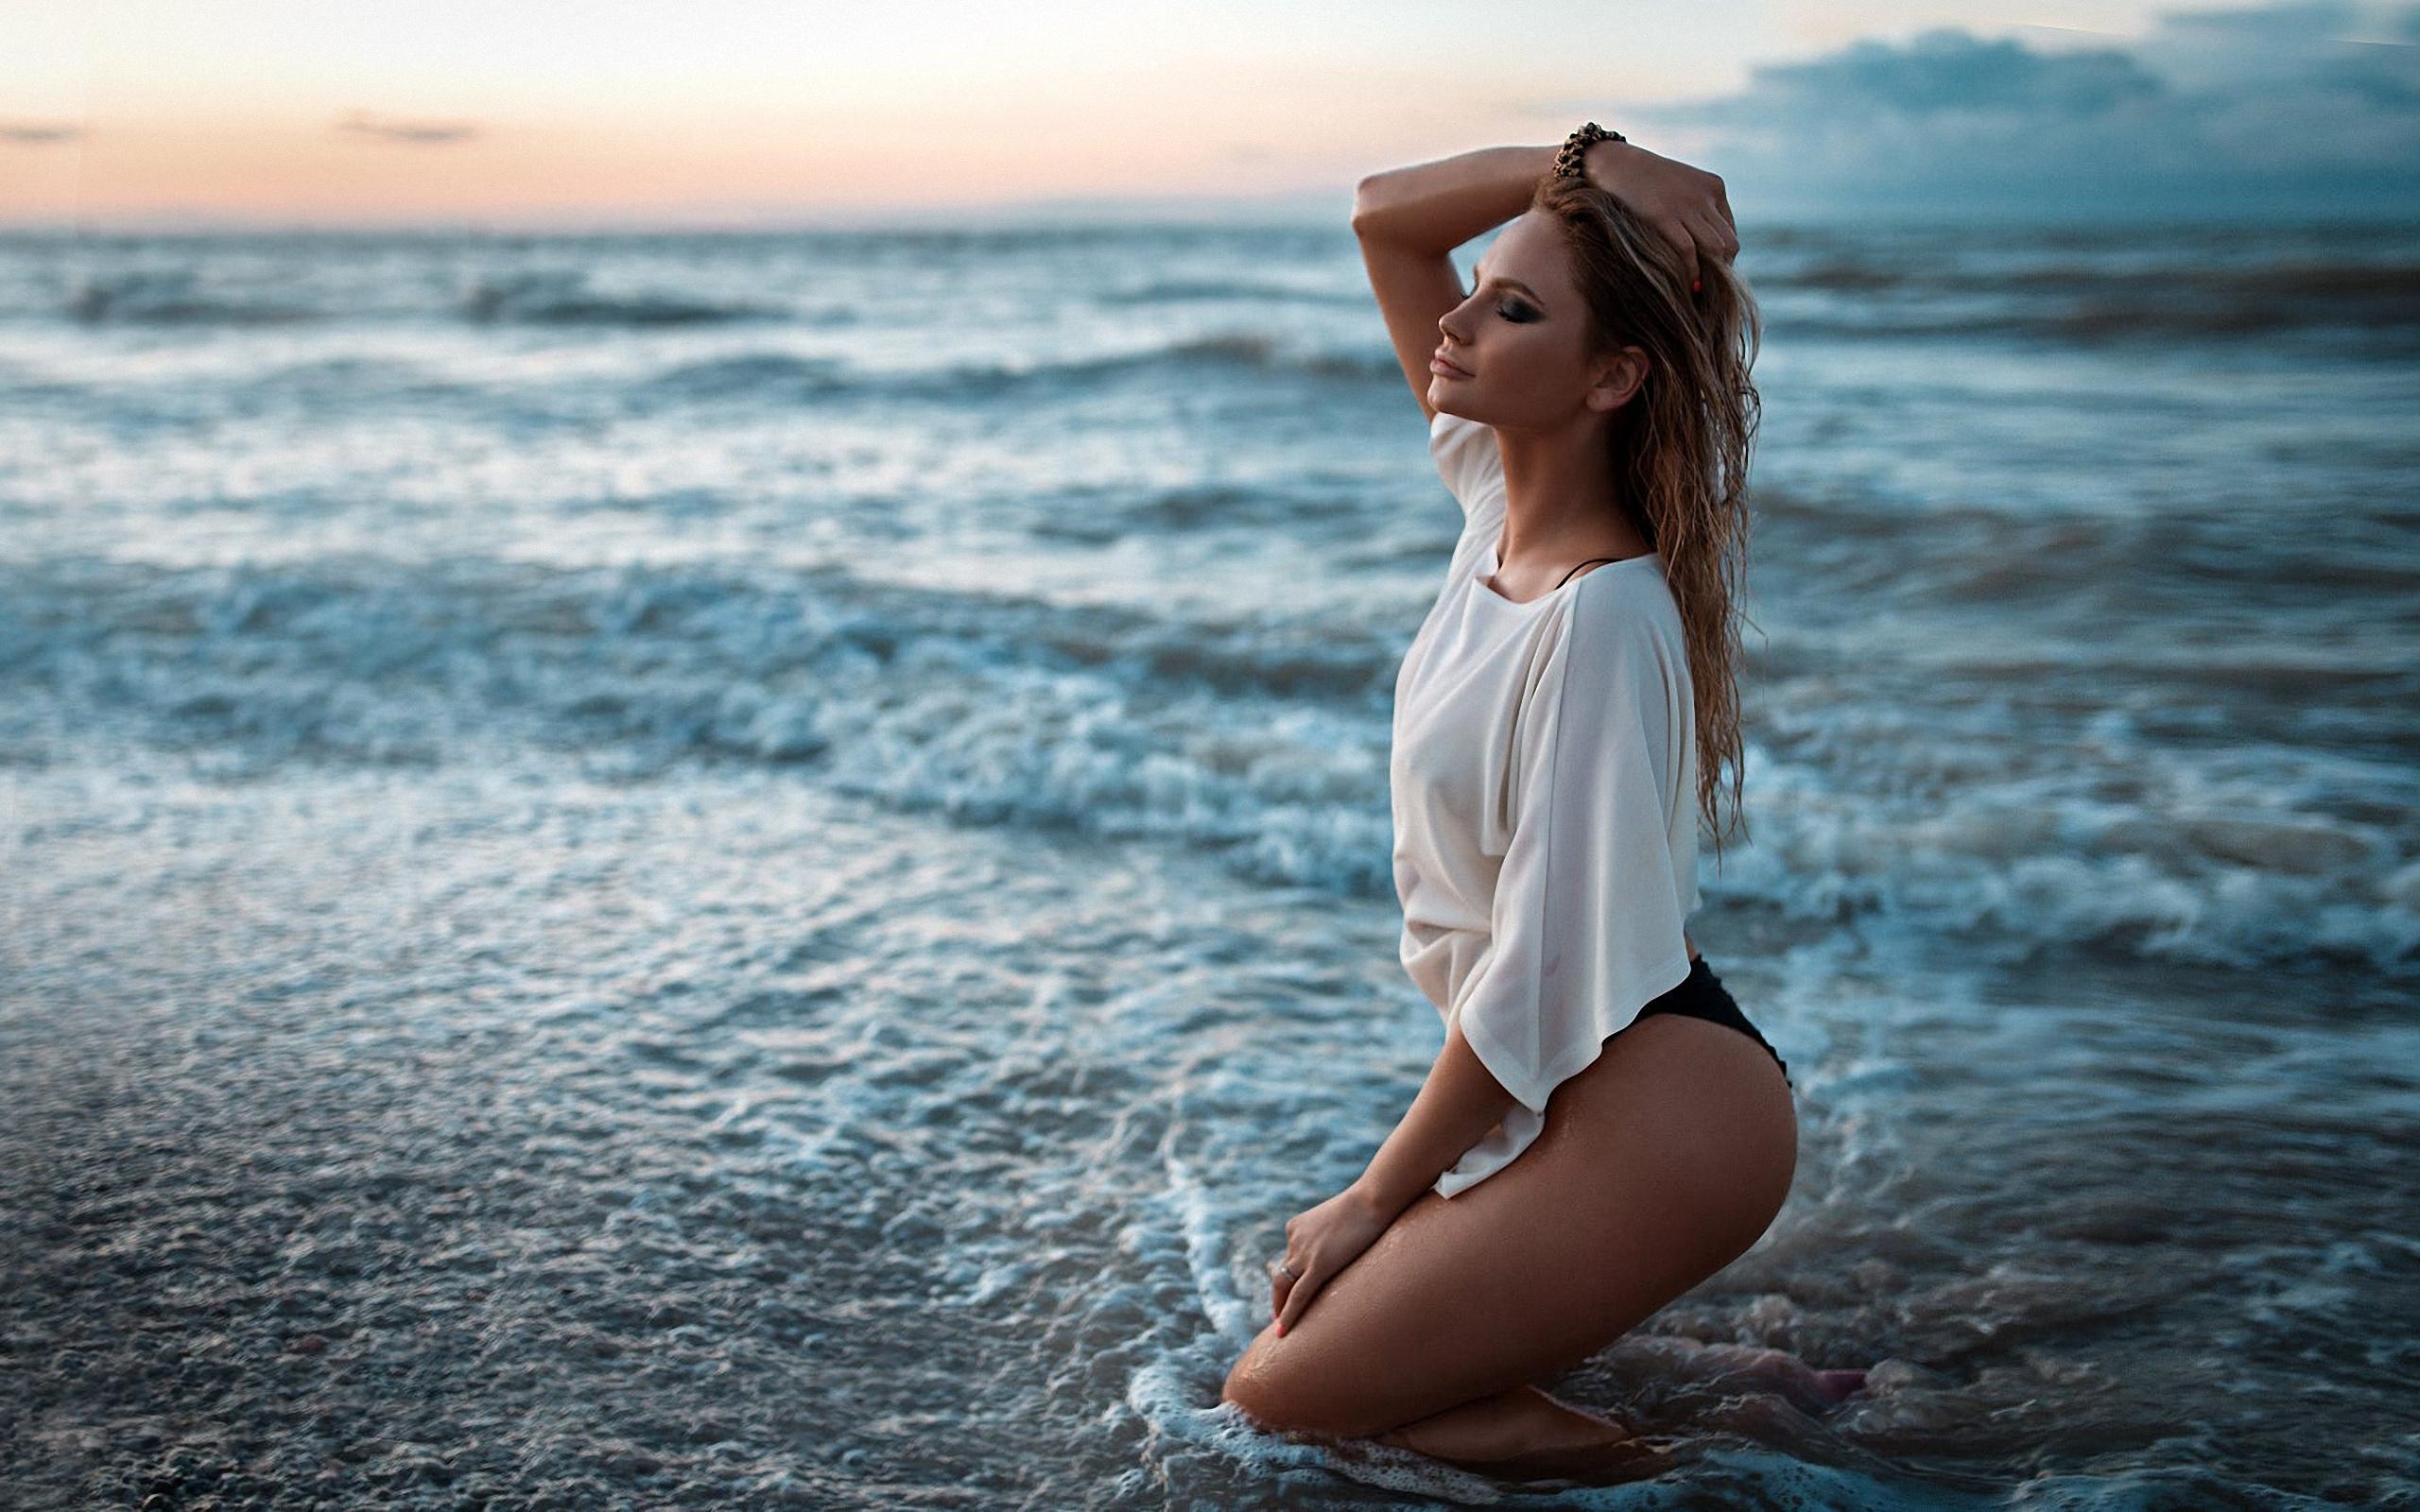 Позы на море в картинках